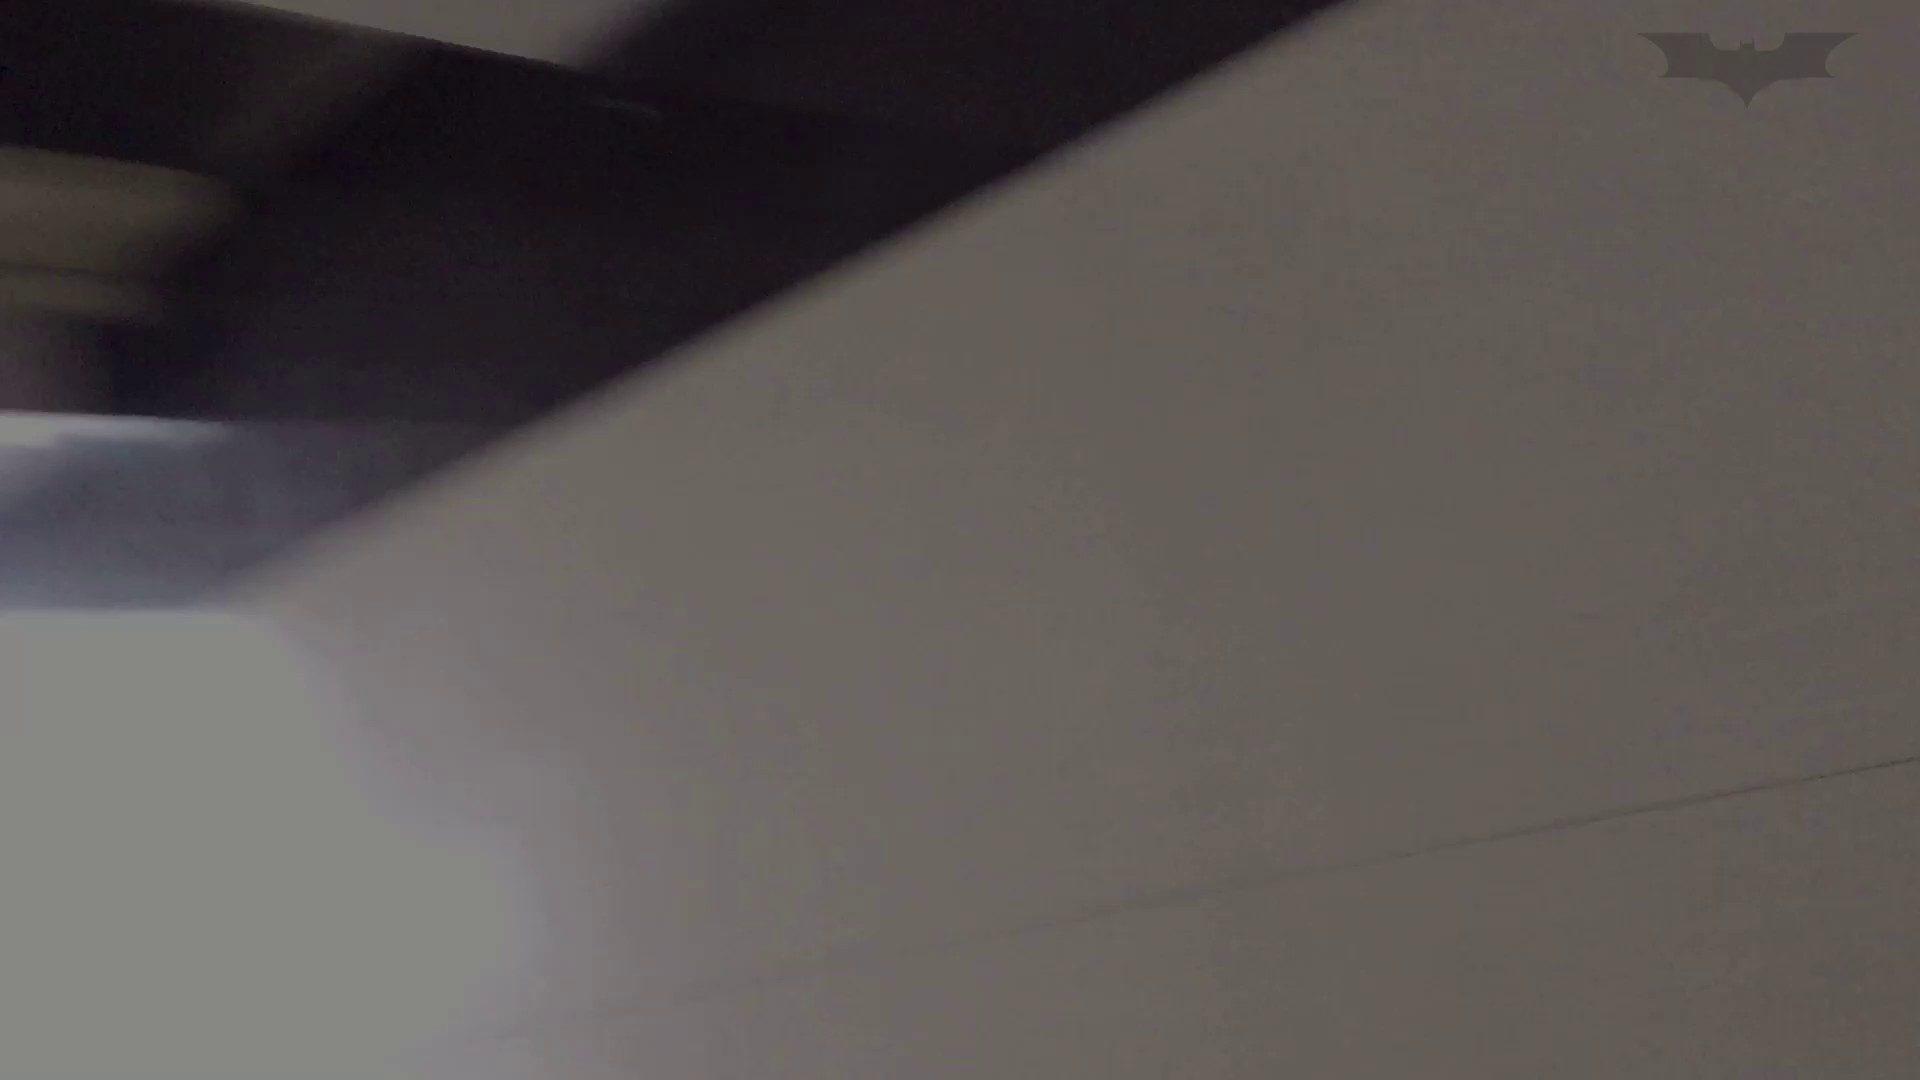 JD盗撮 美女の洗面所の秘密 Vol.74 盗撮 すけべAV動画紹介 91pic 43